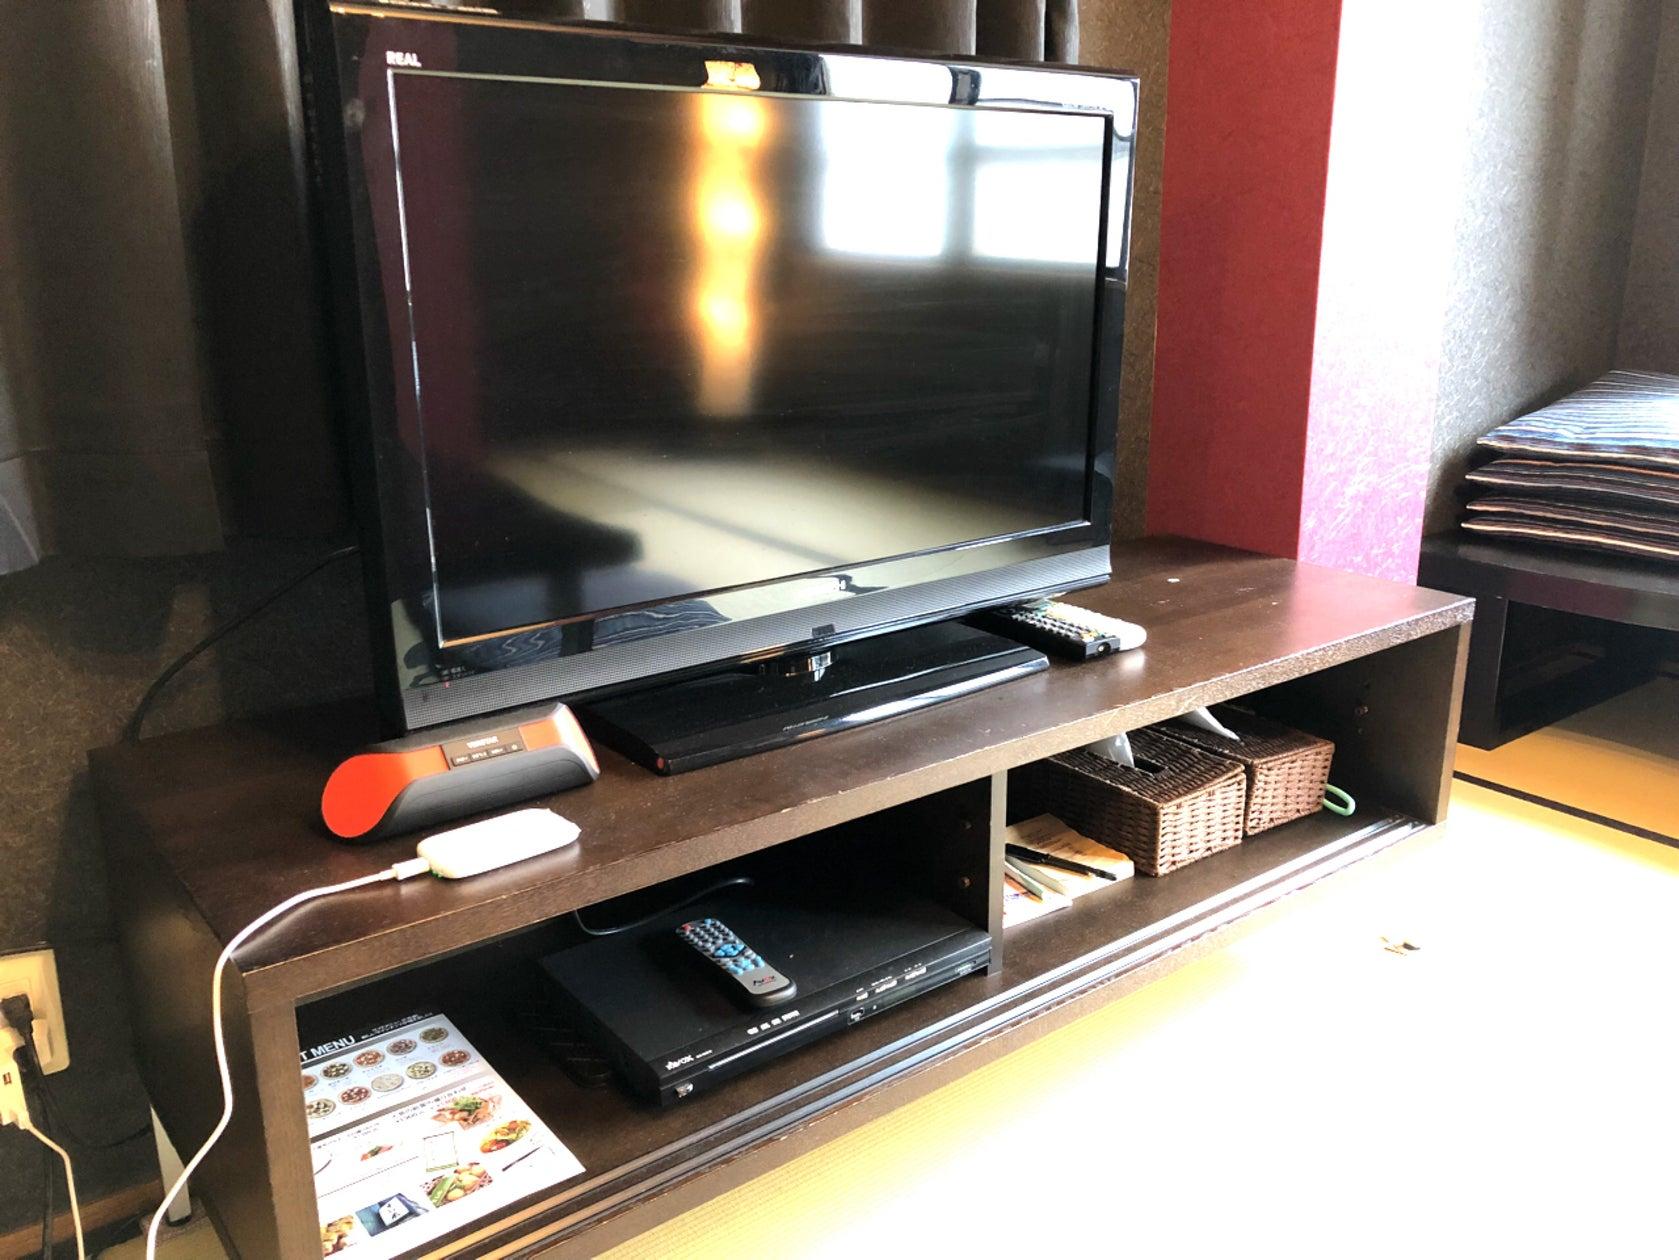 3F、テレビ、DVDプレイヤー、wifi、Bluetoothスピーカーご用意しています。